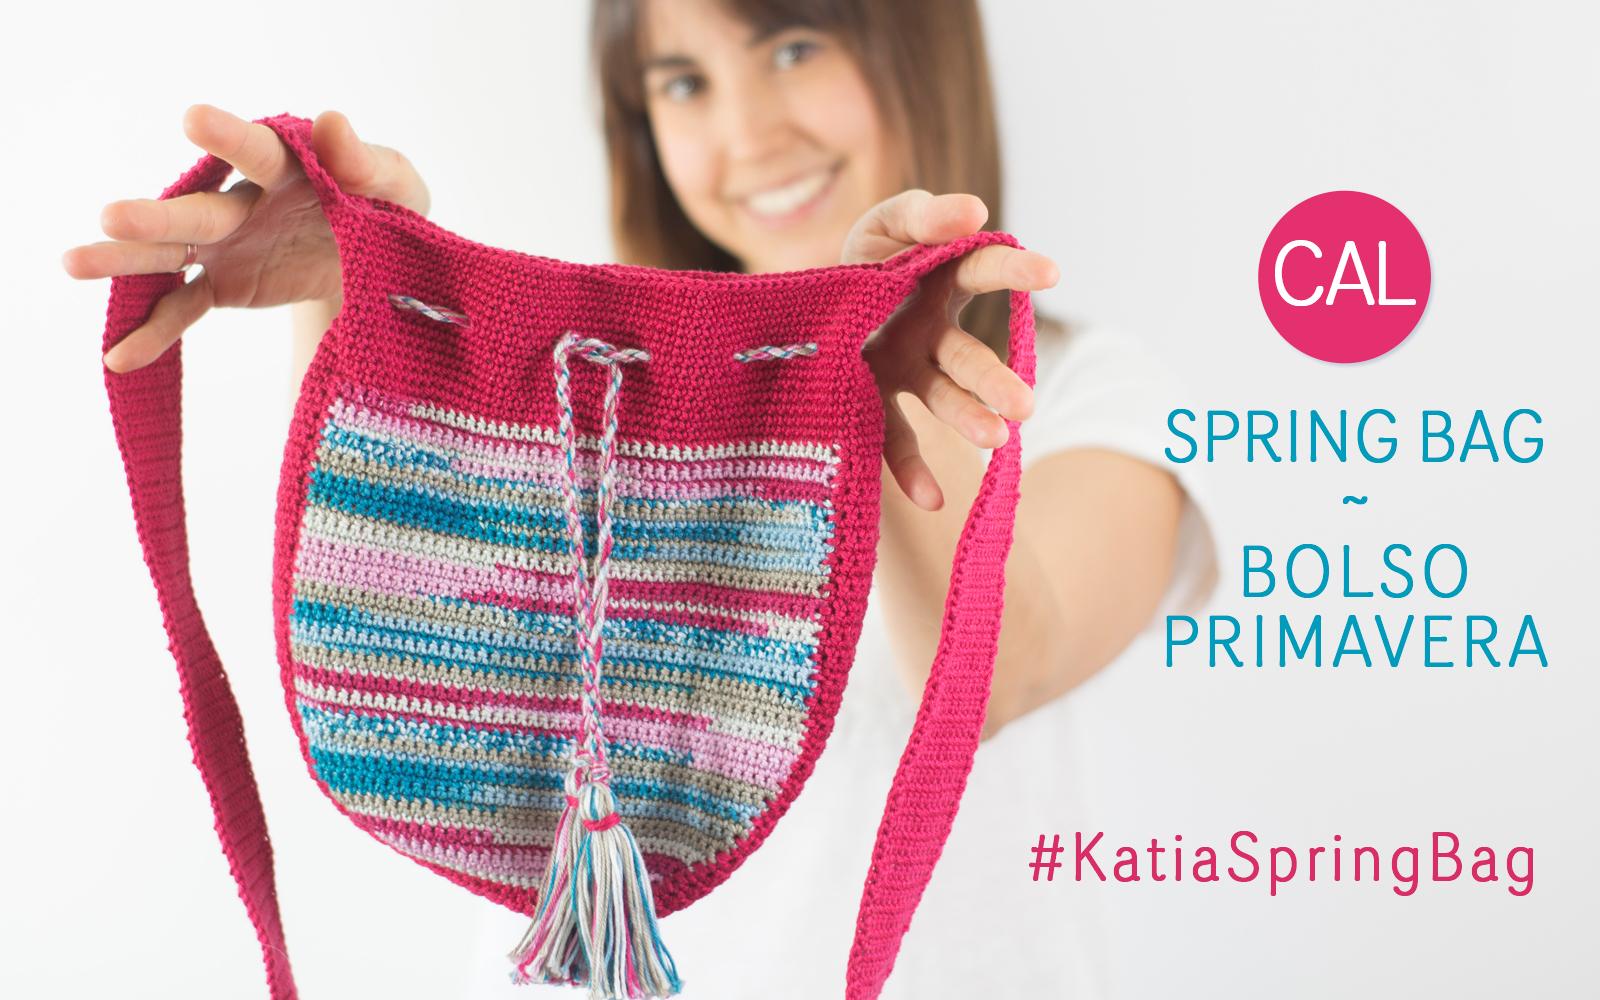 CAL Frühlingshafte Tasche. Tritt unserer Facebook-Gruppe bei!